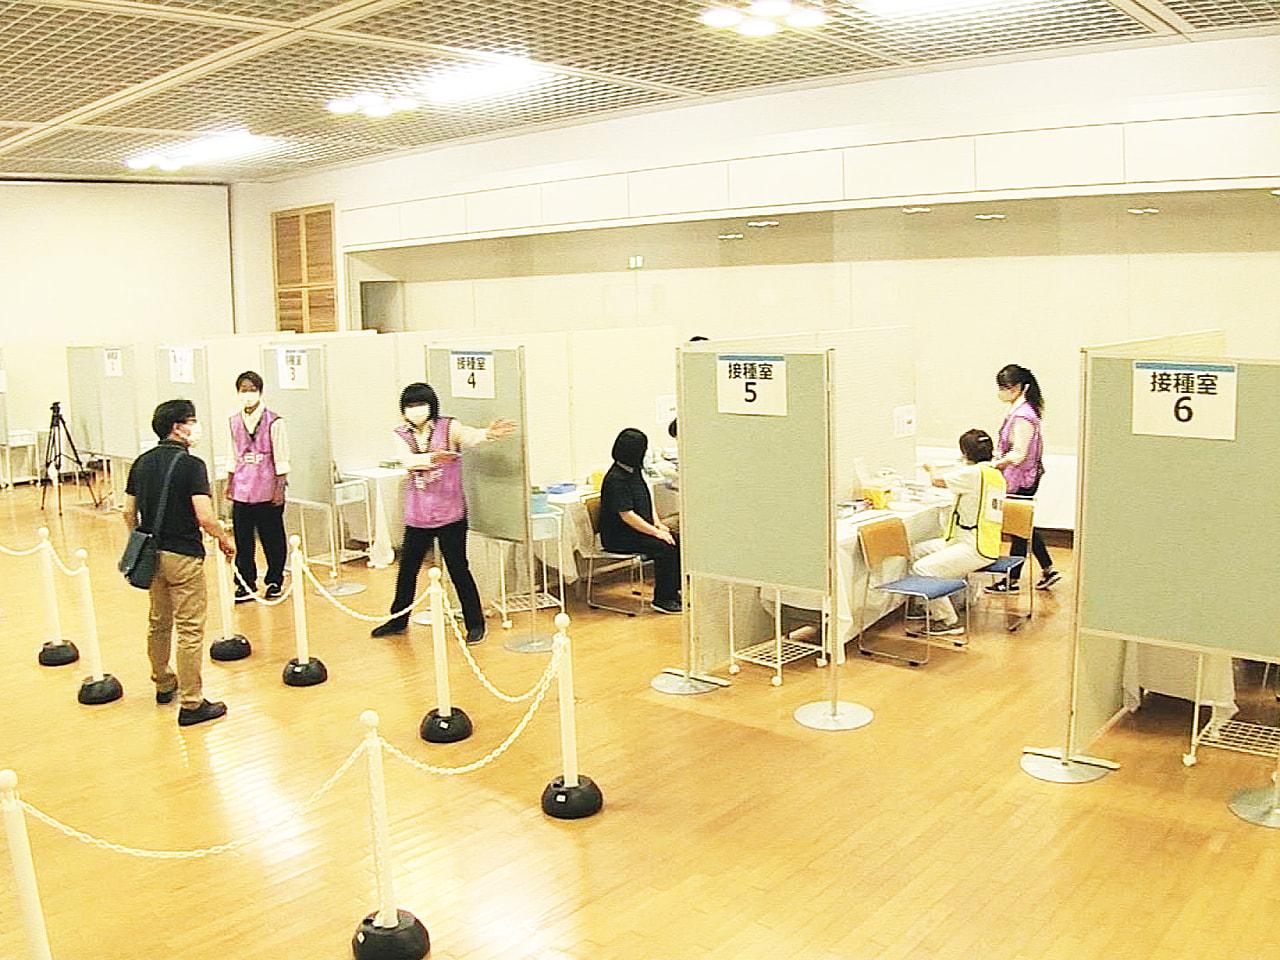 岐阜県は新型コロナワクチンの大規模接種会場を、新たに飛騨圏域に設置しました。 飛...